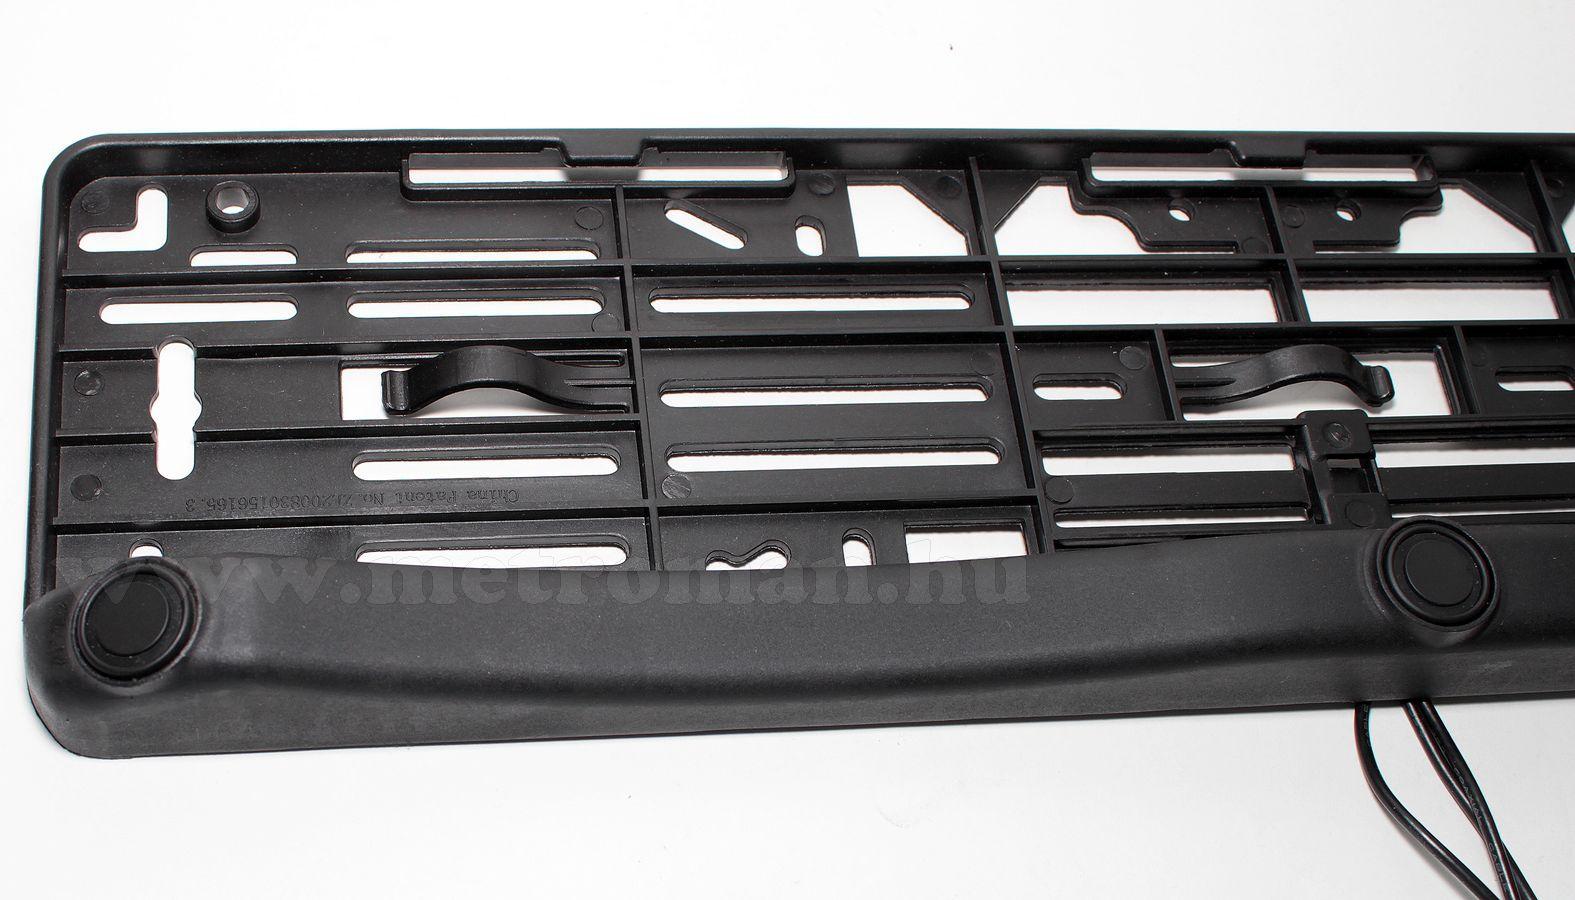 Rendszámtábla keretbe integrált tolatóradar Mlogic TP08